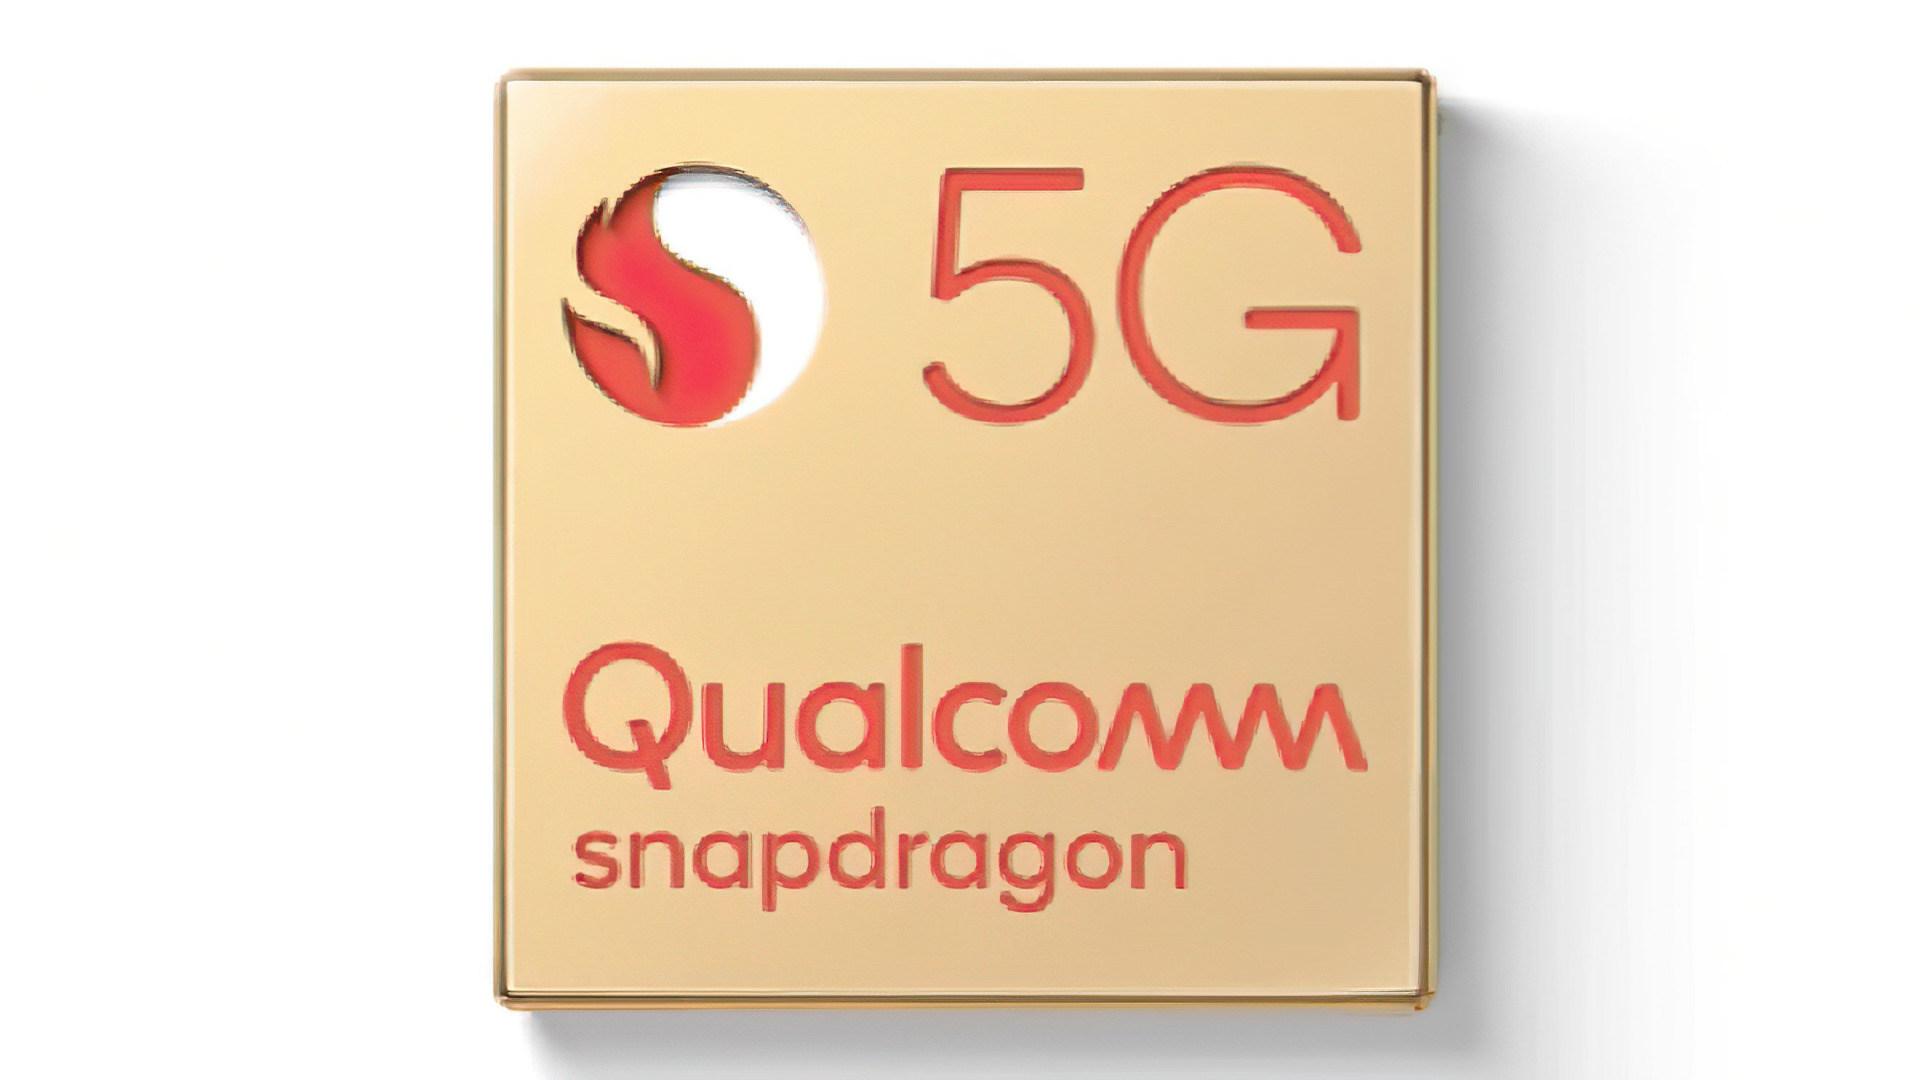 Smartphone, Prozessor, Cpu, Chip, SoC, Qualcomm, 5G, Qualcomm Snapdragon 855